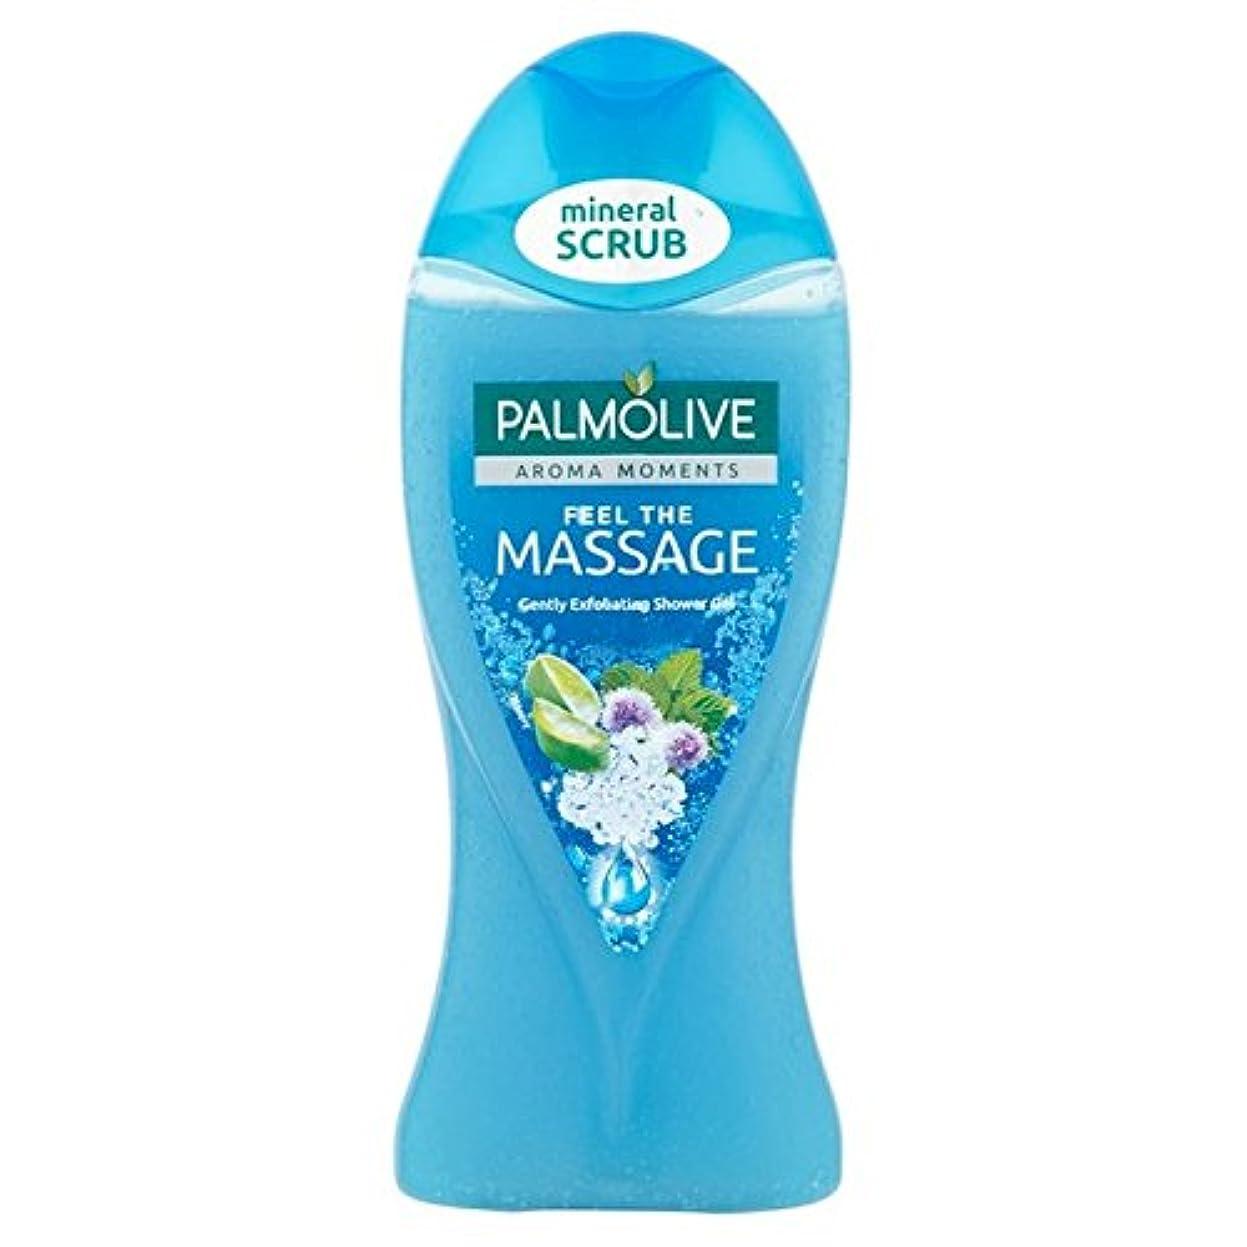 胸シリングマッサージパルモシャワージェルマッサージ250ミリリットル x4 - Palmolive Shower Gel Massage 250ml (Pack of 4) [並行輸入品]